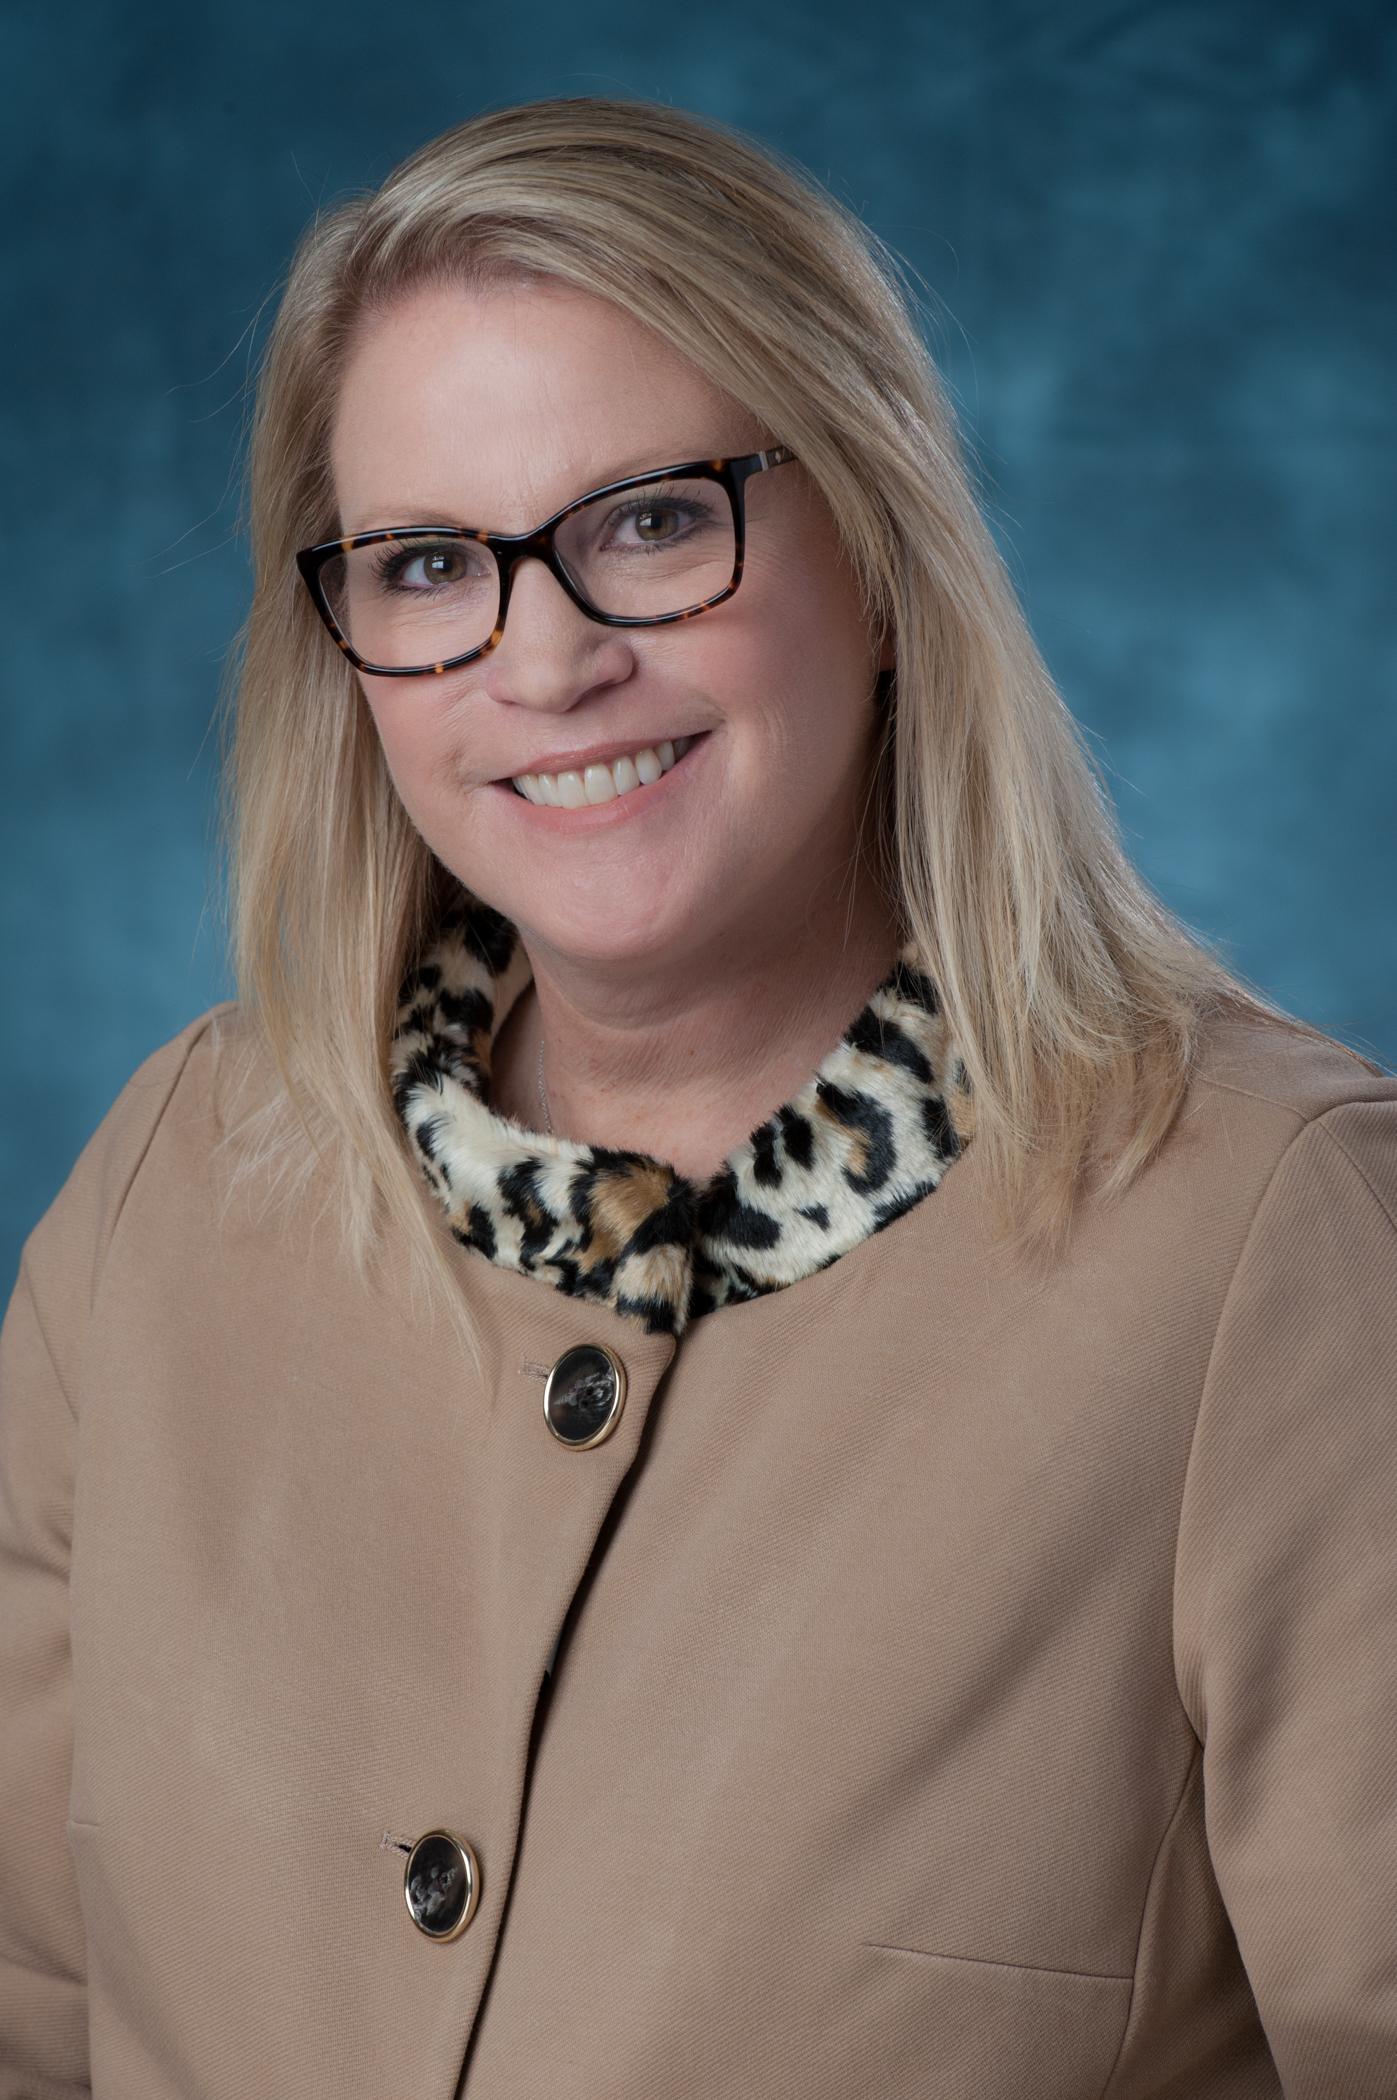 Kimberly Homolka